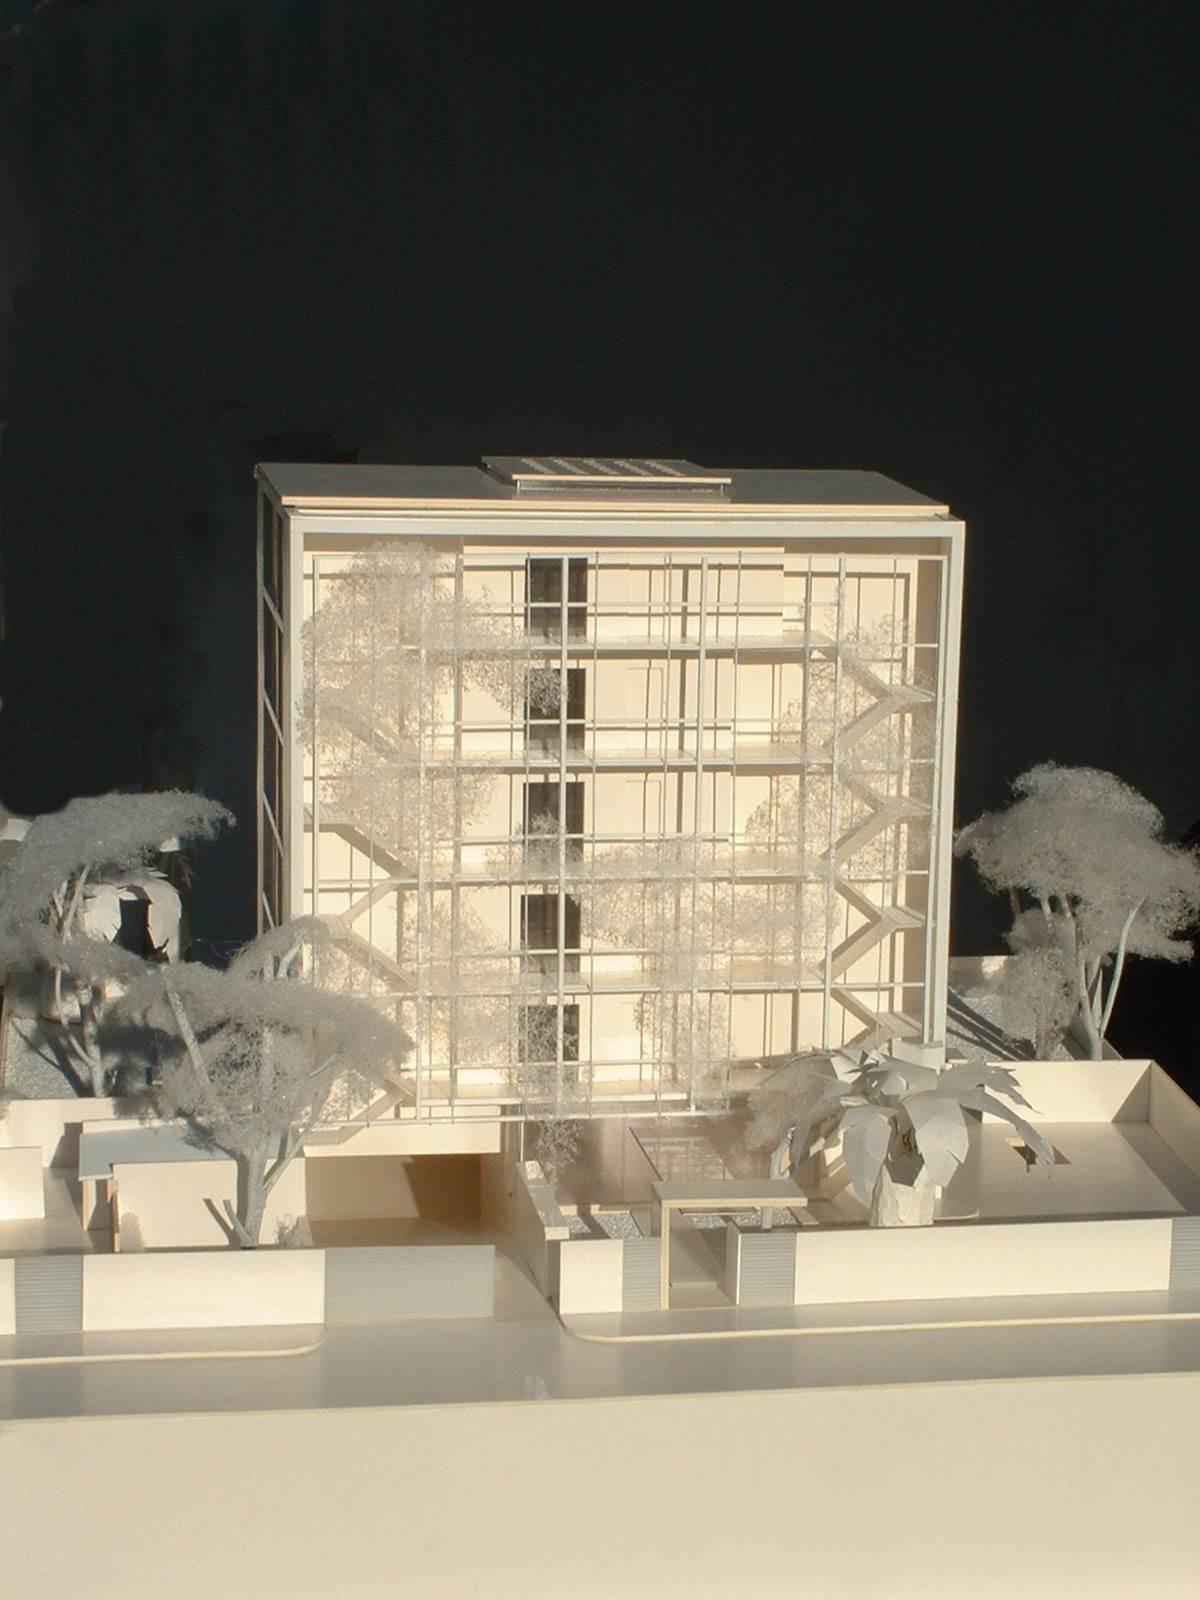 LIGHT HOUSE model